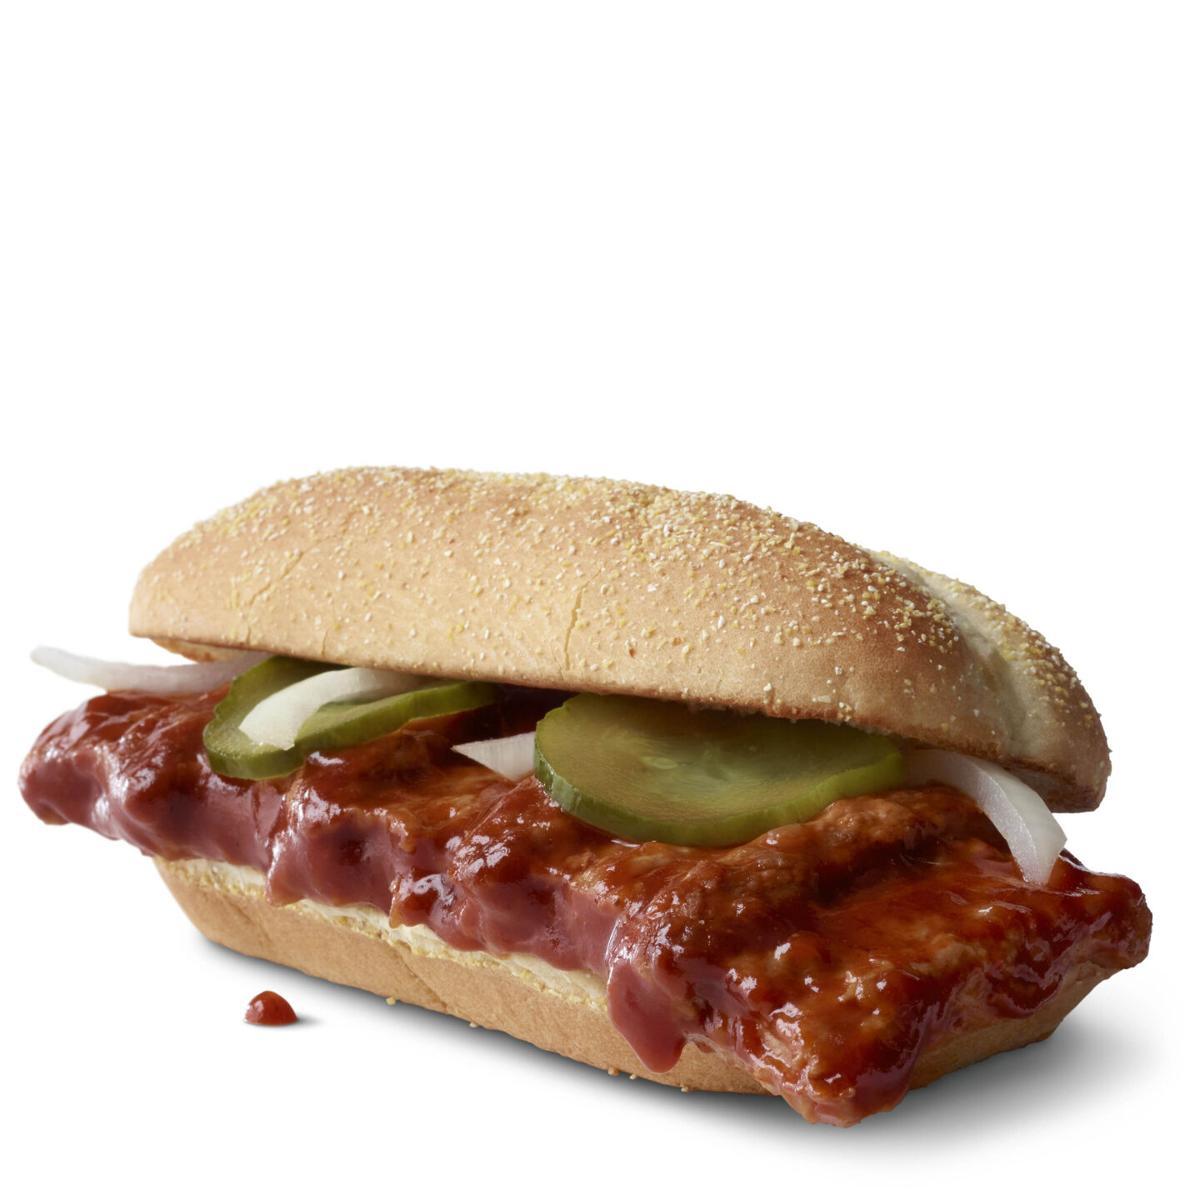 McDonald's is finally bringing back the McRib